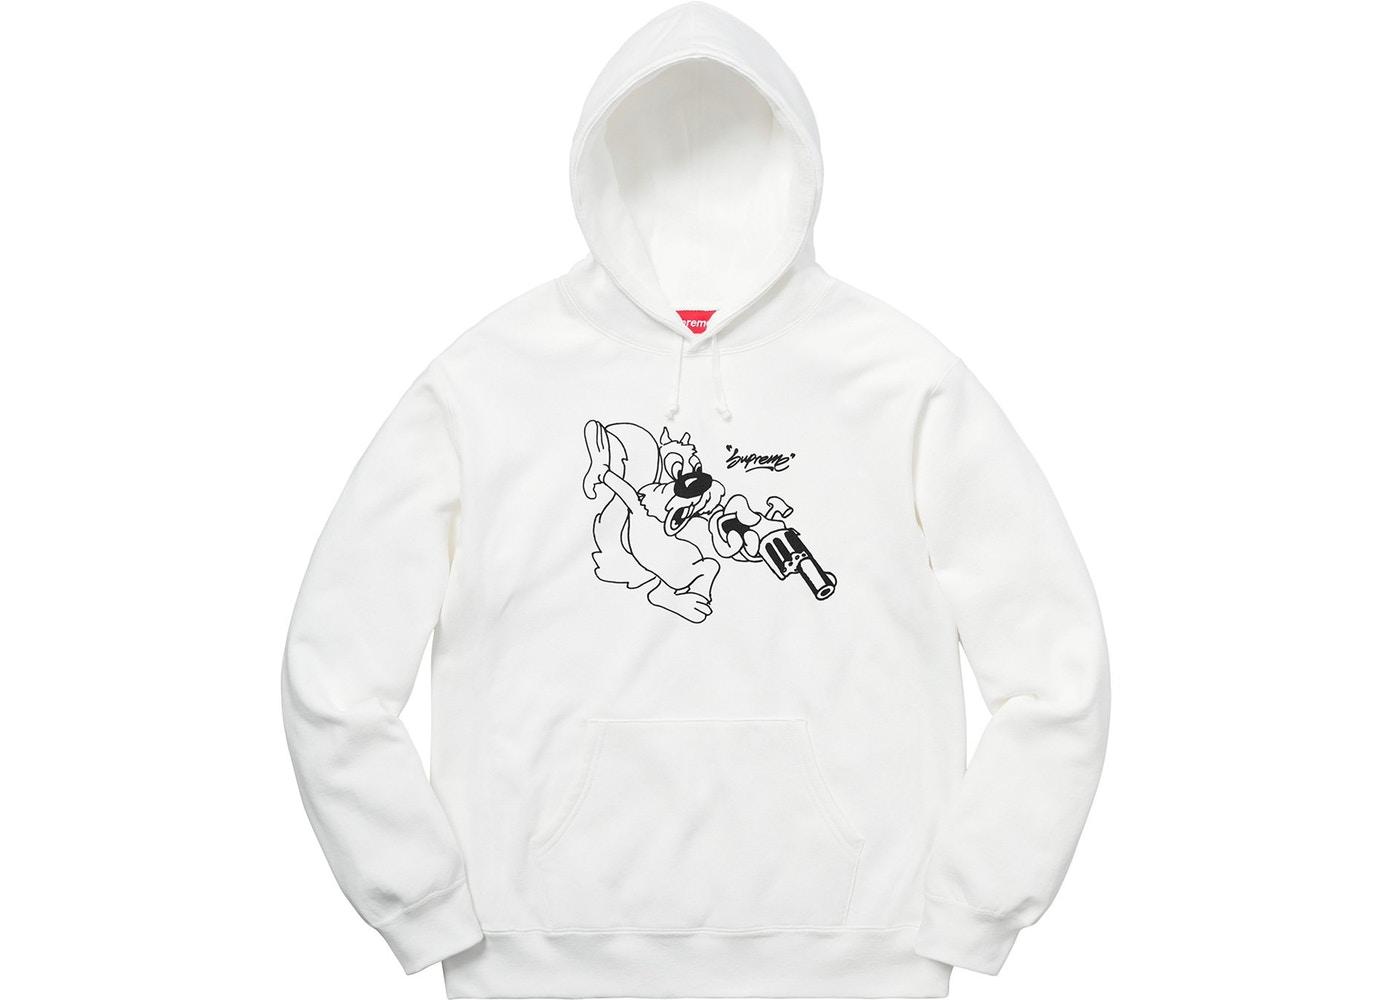 ae86eef37917 Supreme Lee Hooded Sweatshirt White Spring Summer 2018